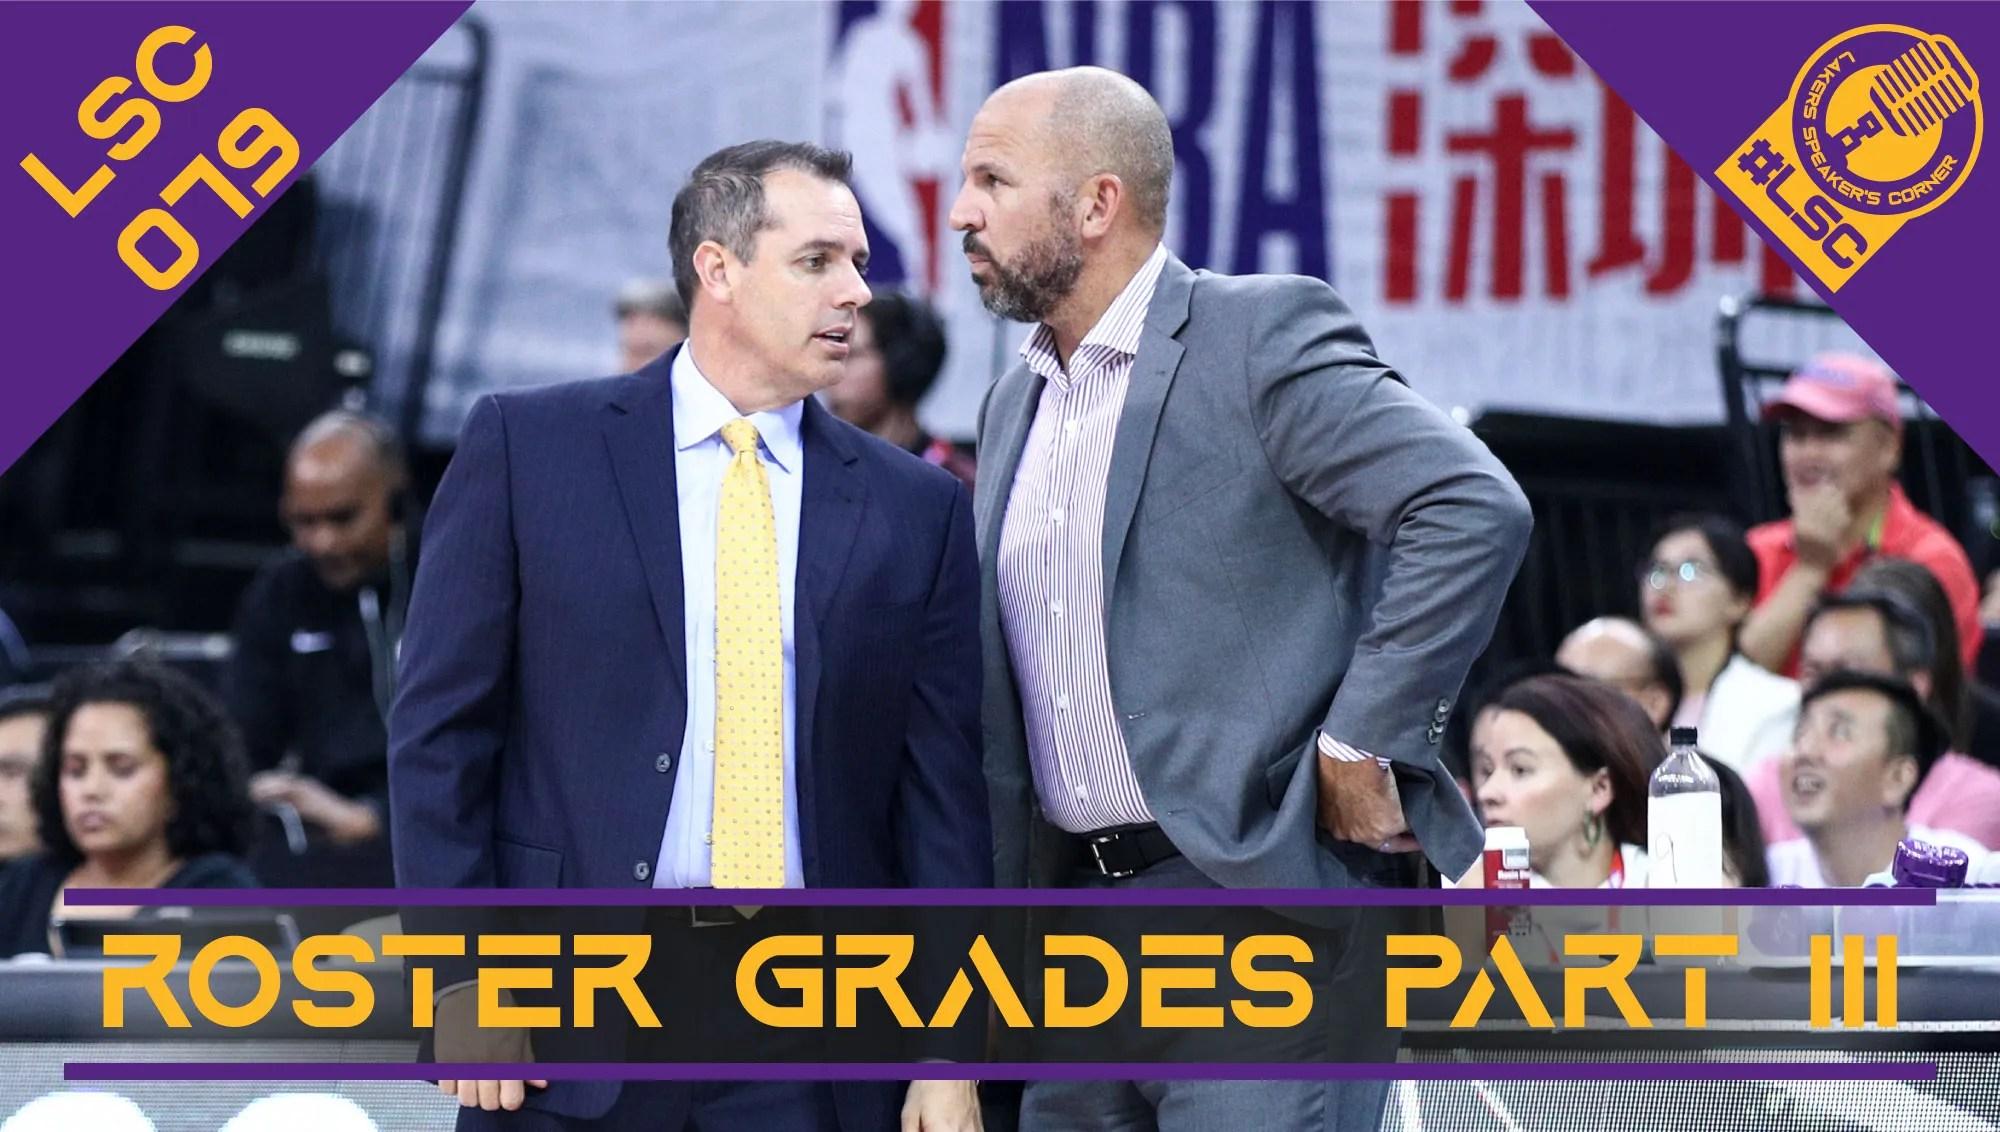 Gli errori di Rob Pelinka e Frank Vogel, i margini di miglioramento di dirigenza e staff tecnico dei Lakers in vista della prossima stagione.